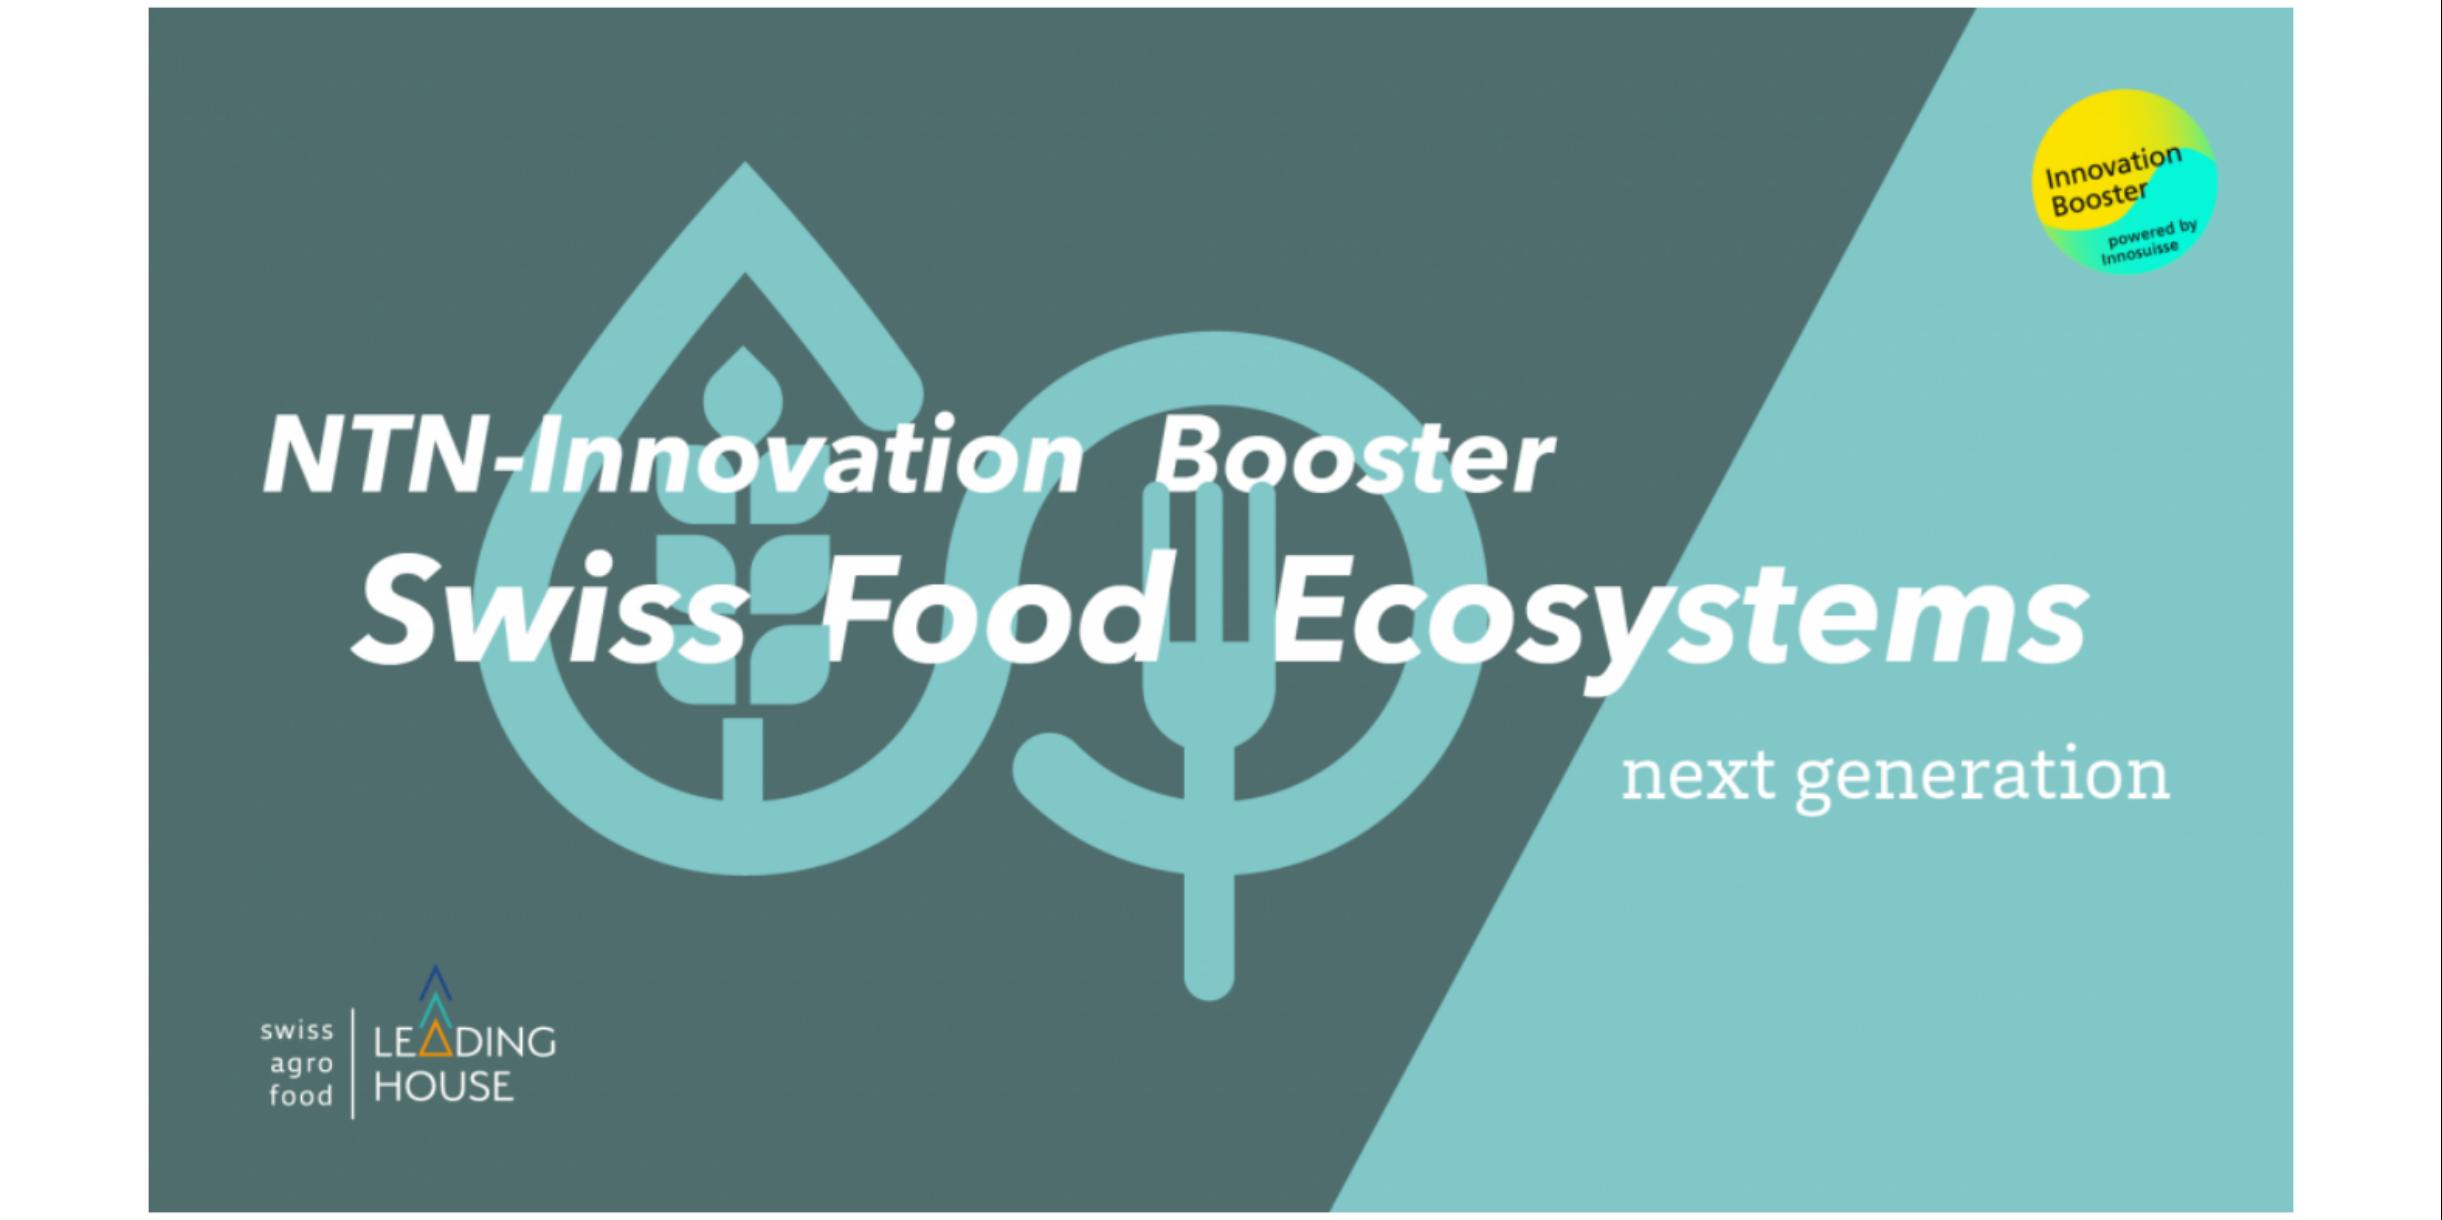 swissfood-ecosystems-1